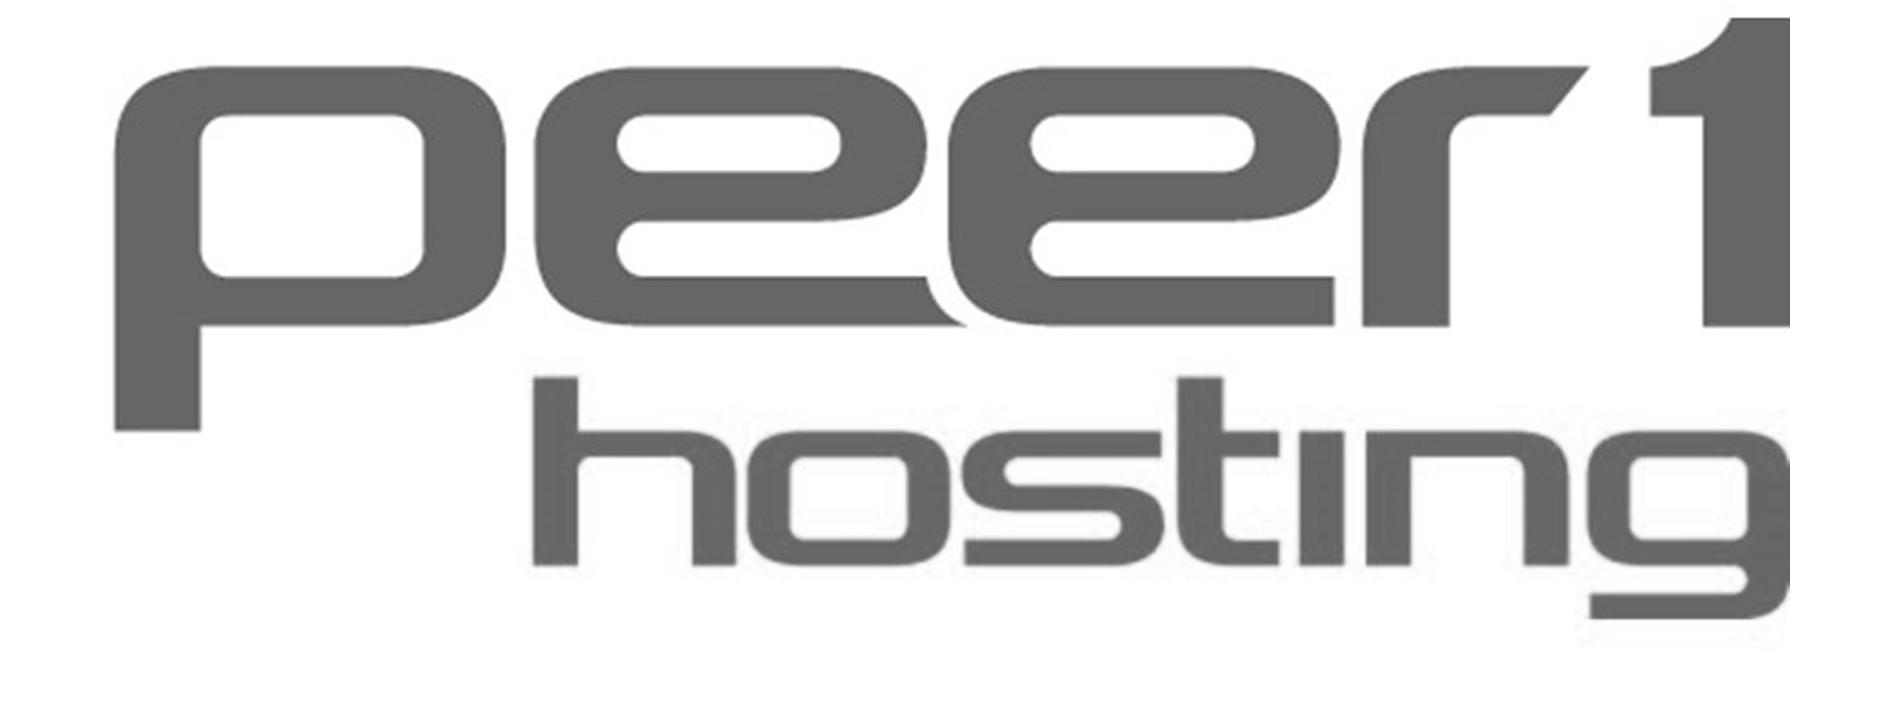 peer1 hosting